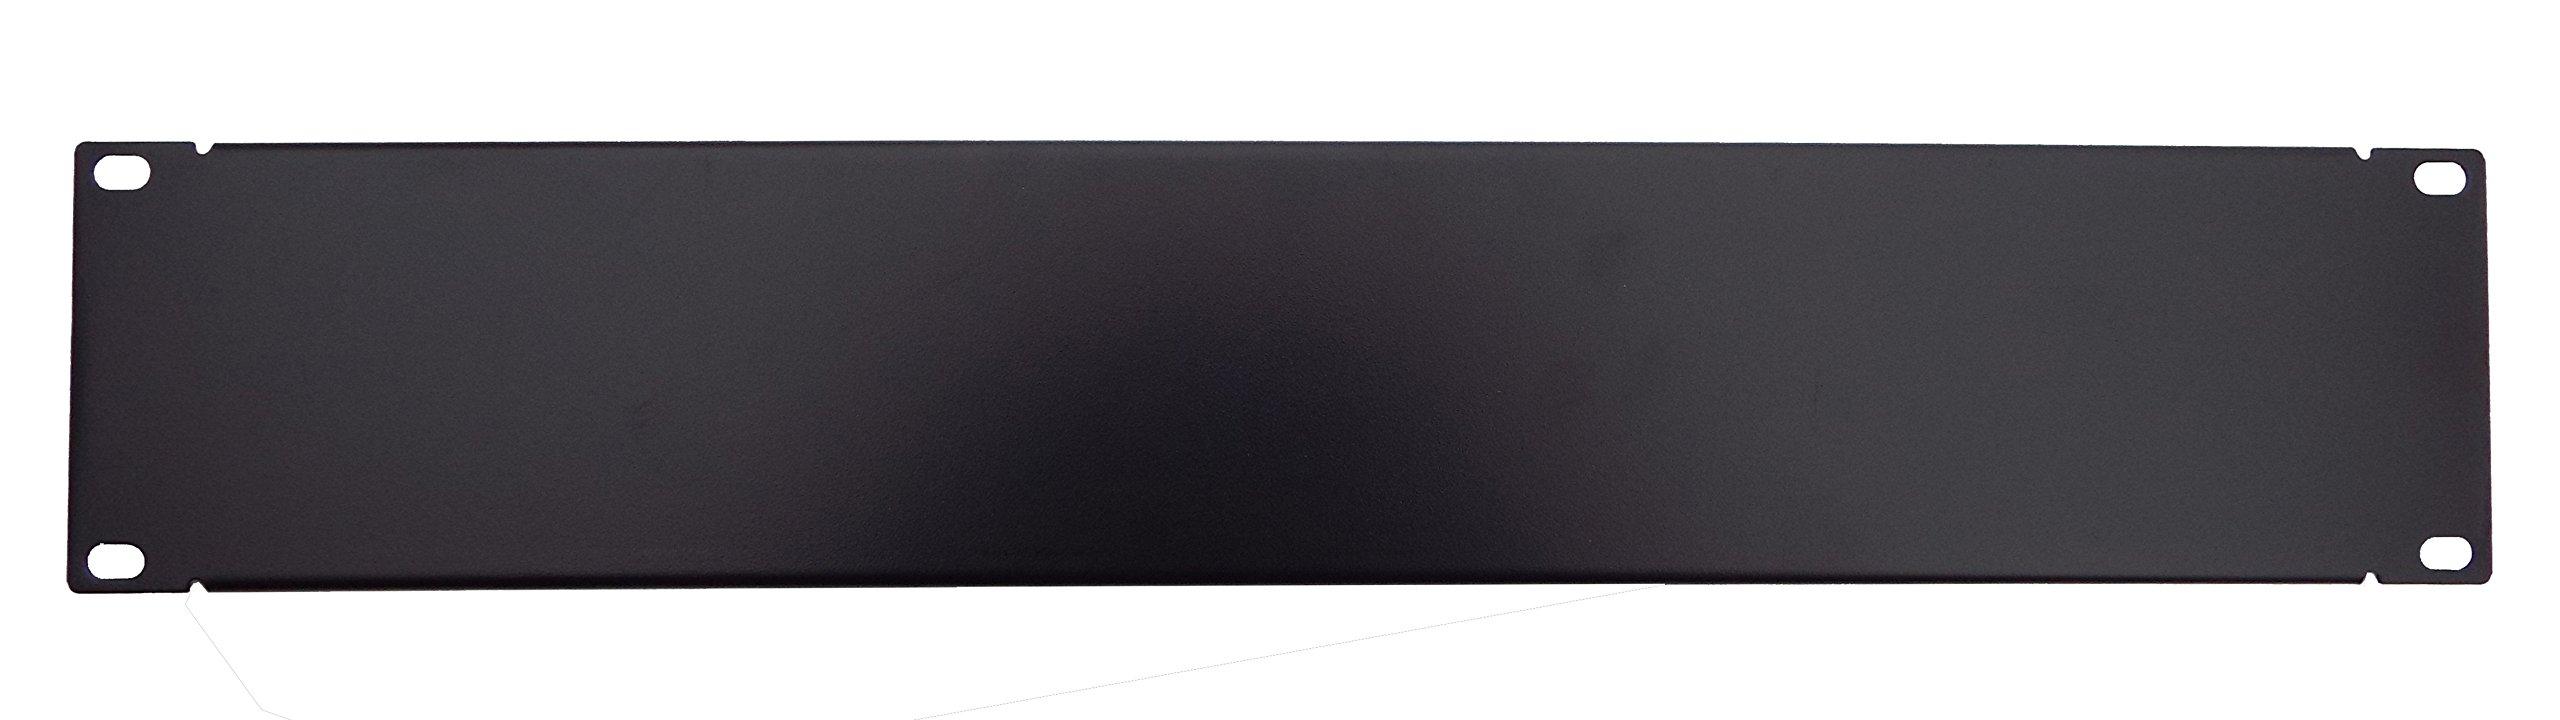 CNAWEB 19 inch 2U Blank Spacer Rack Mount Filler Panel